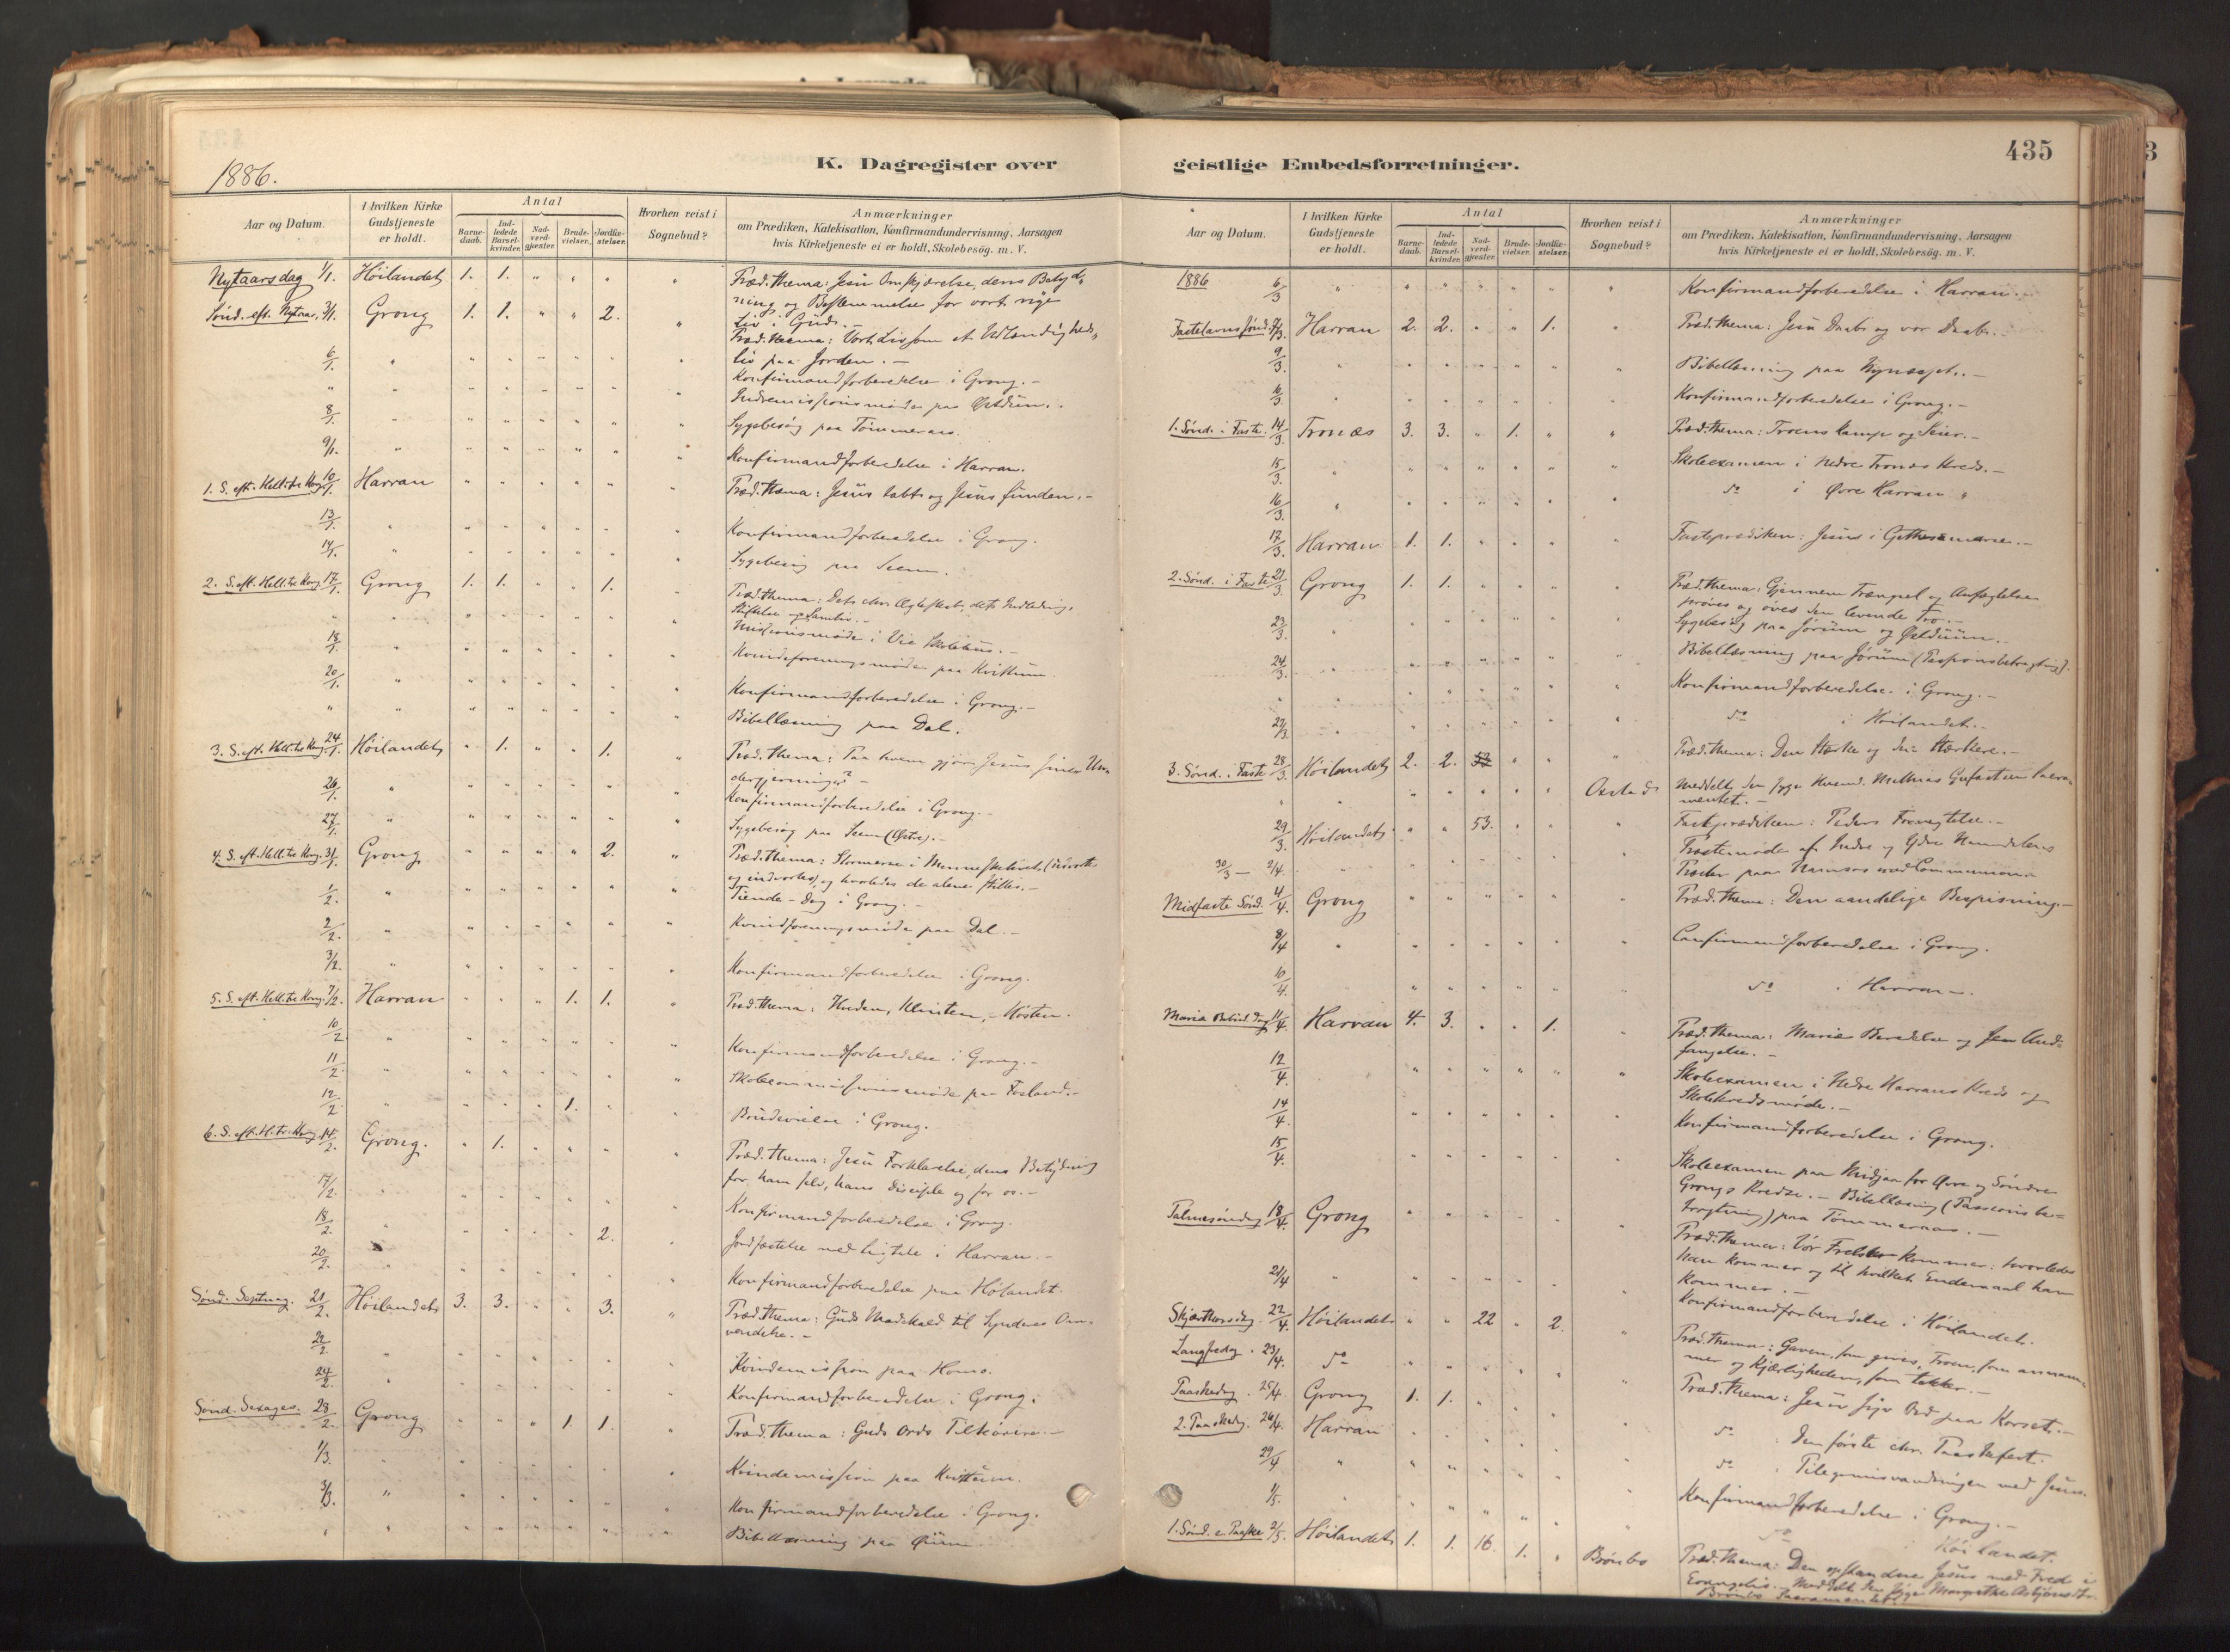 SAT, Ministerialprotokoller, klokkerbøker og fødselsregistre - Nord-Trøndelag, 758/L0519: Ministerialbok nr. 758A04, 1880-1926, s. 435